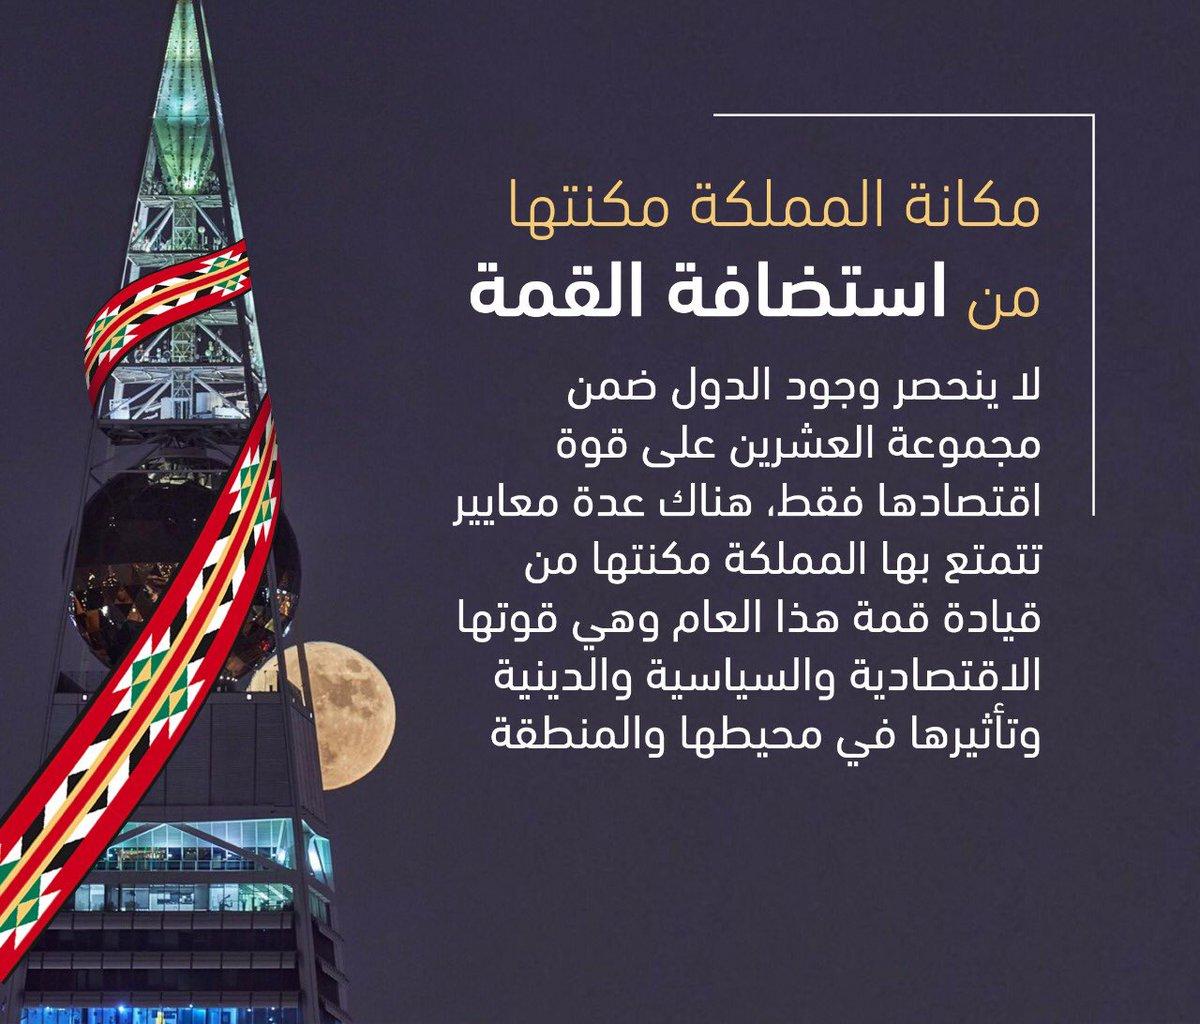 حق لنا أن نفتخر بنجاح السعودية في تنظيم قمة العشرين، قمة أقيمت وسط ظروف استثنائية ونجحت السعودية بتنظيمها. #نجاح_قمة_العشرين_بالسعودية